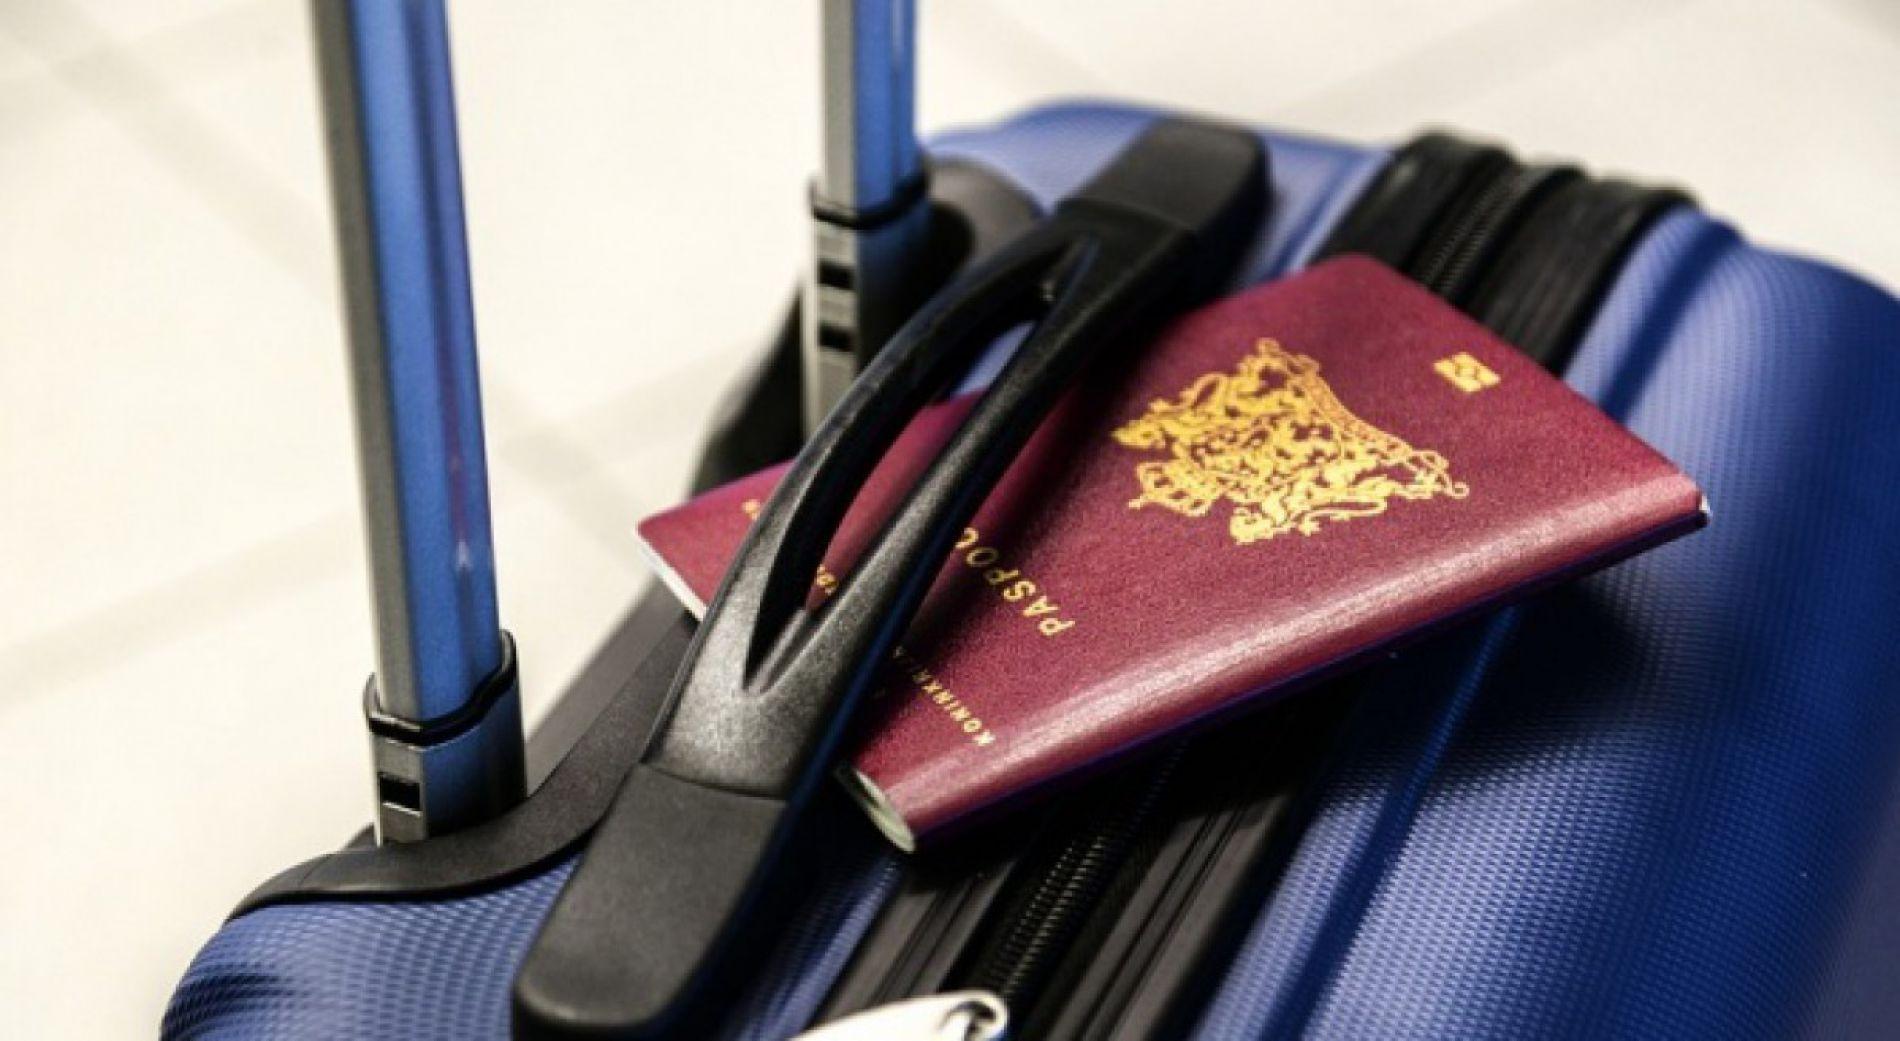 Болгары с дипломатическими и служебными паспортами будут путешествовать без визы в Иорданию